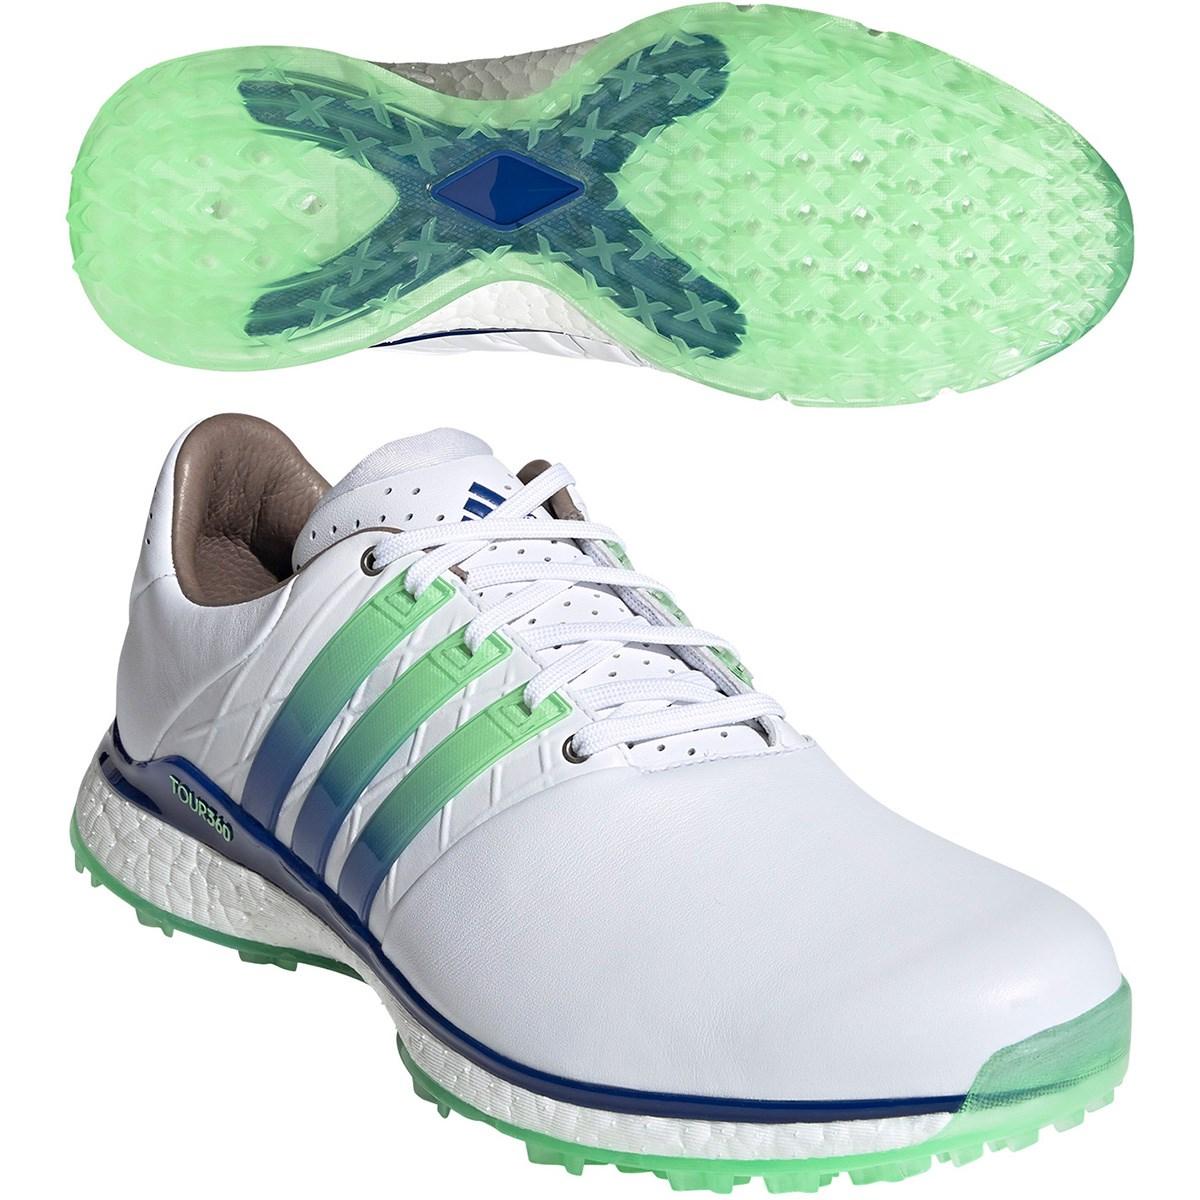 アディダス(adidas) ツアー360 XT-SL 2 シューズ